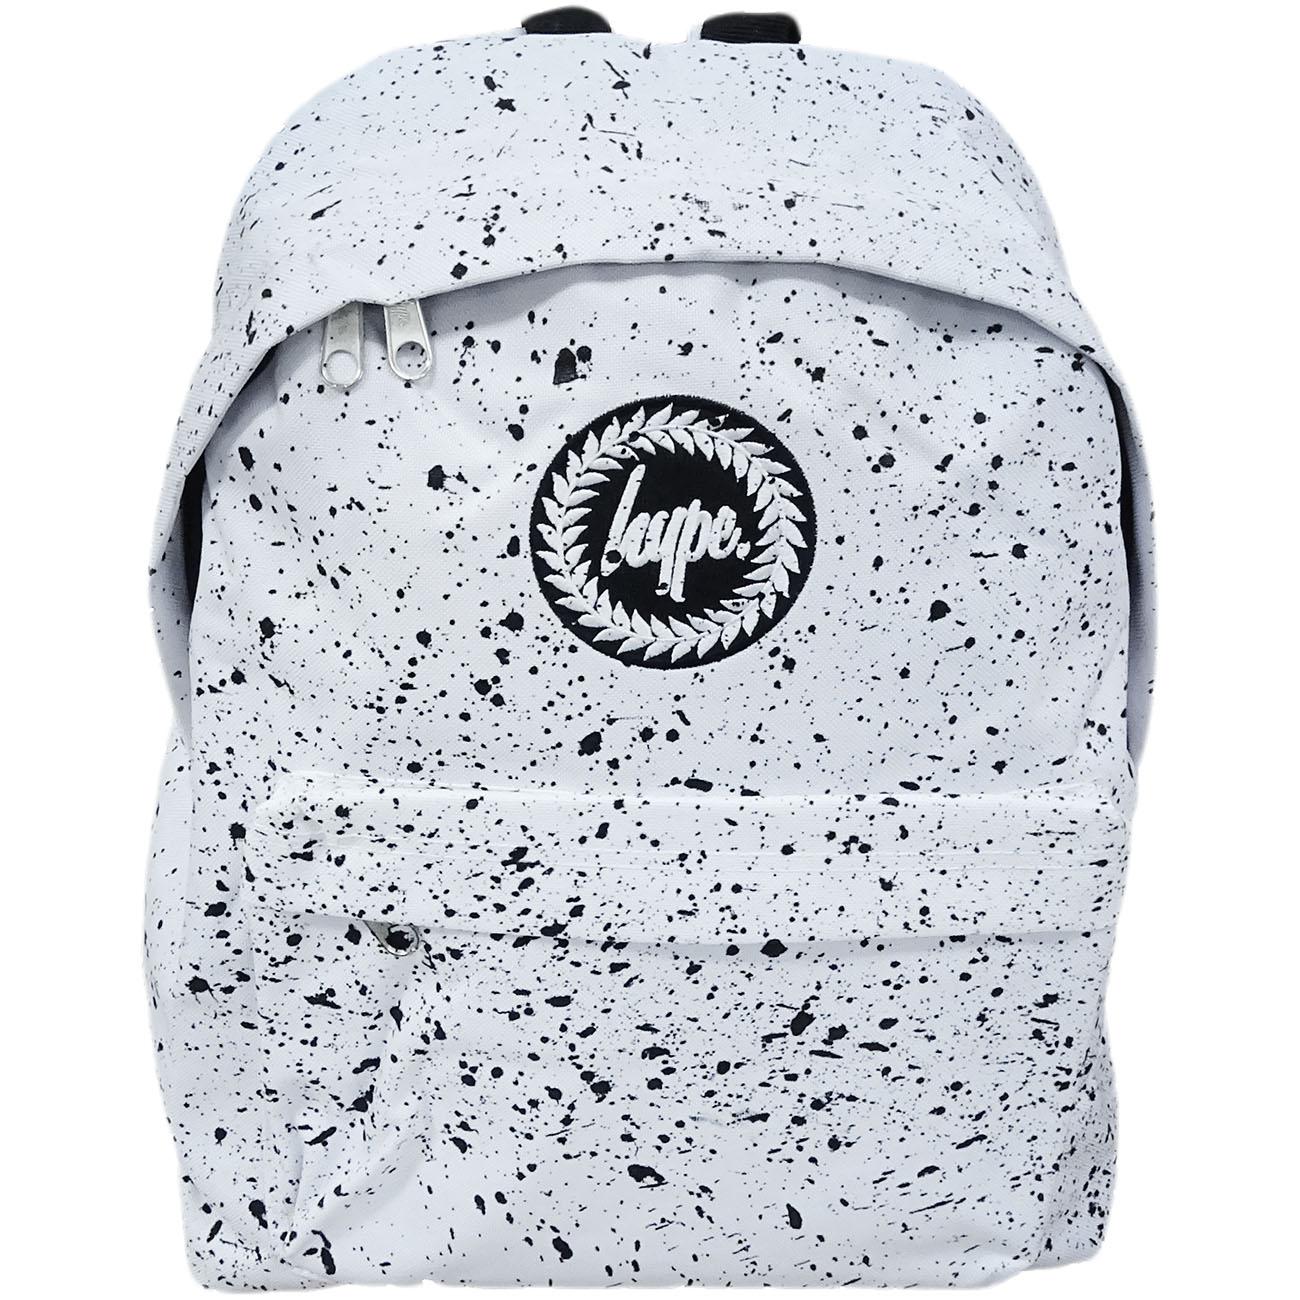 Hype Backpack Bag 'Splatter' White with Black